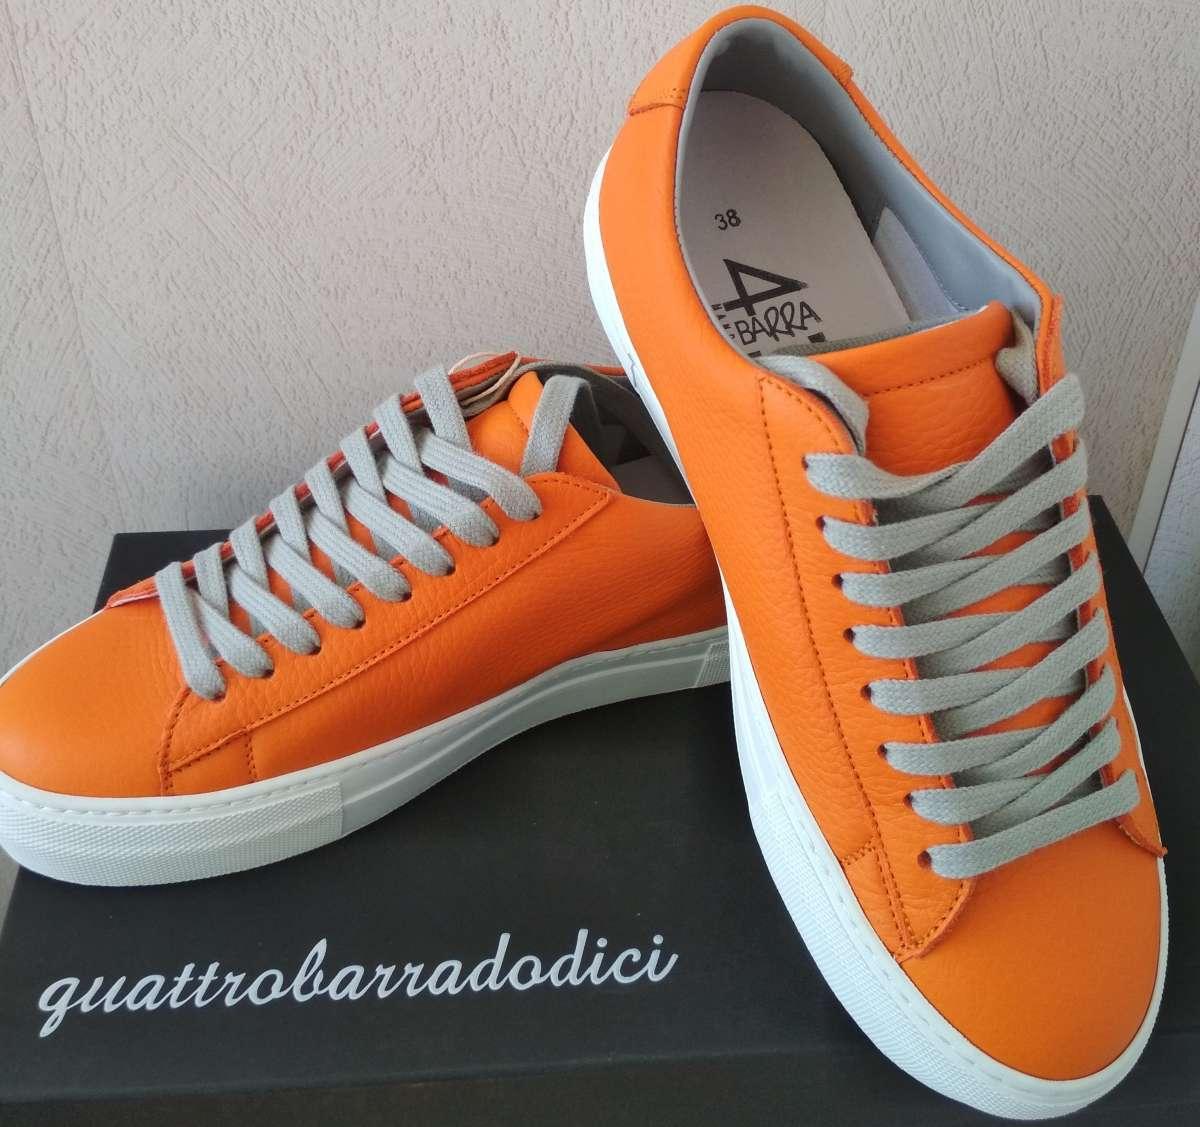 кроссовки Quattrobarradodici Италия